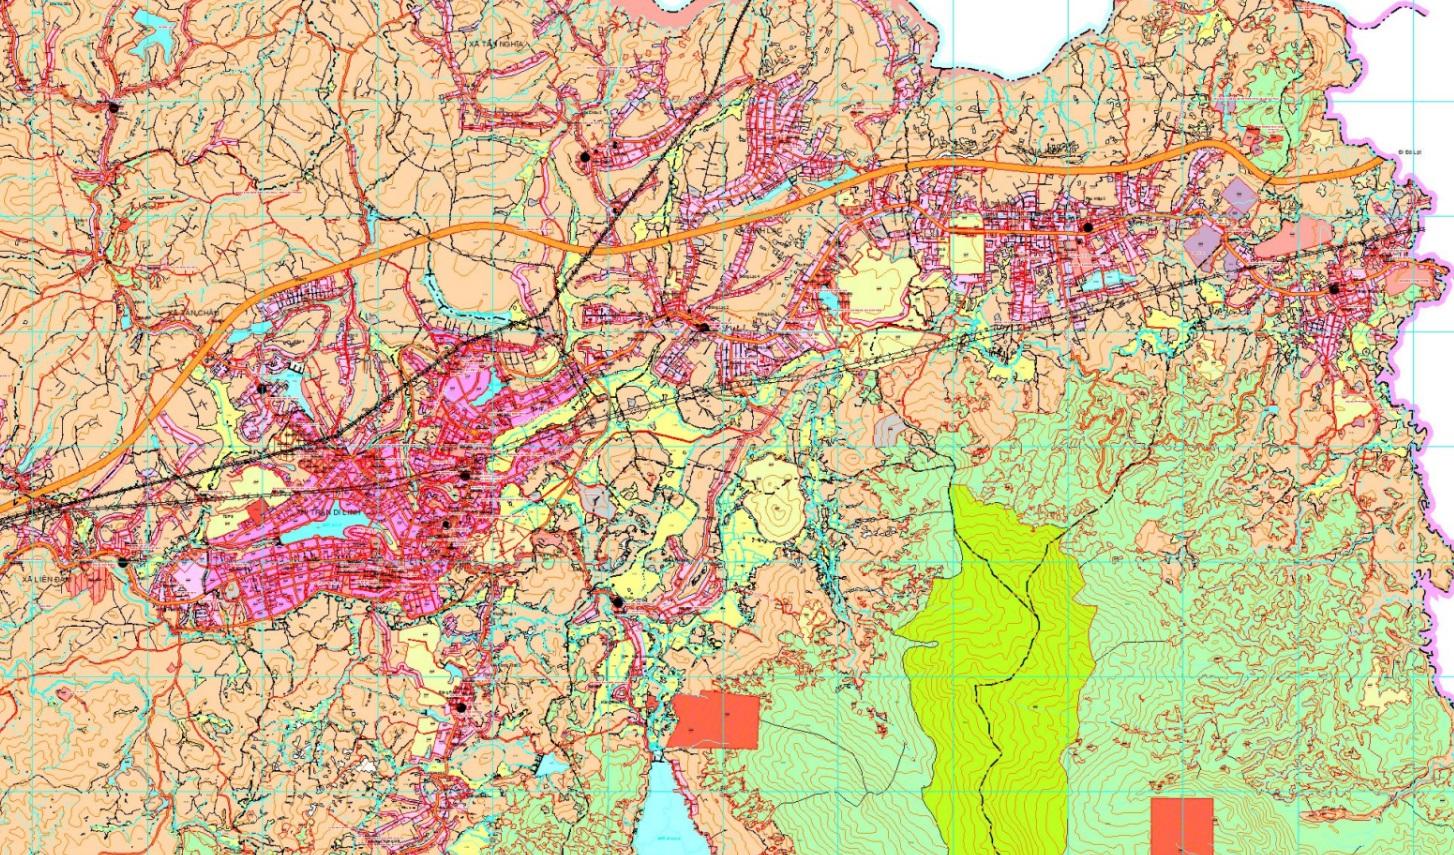 Bản đồ quy hoạch sử dụng đất huyện Di Linh năm 2021